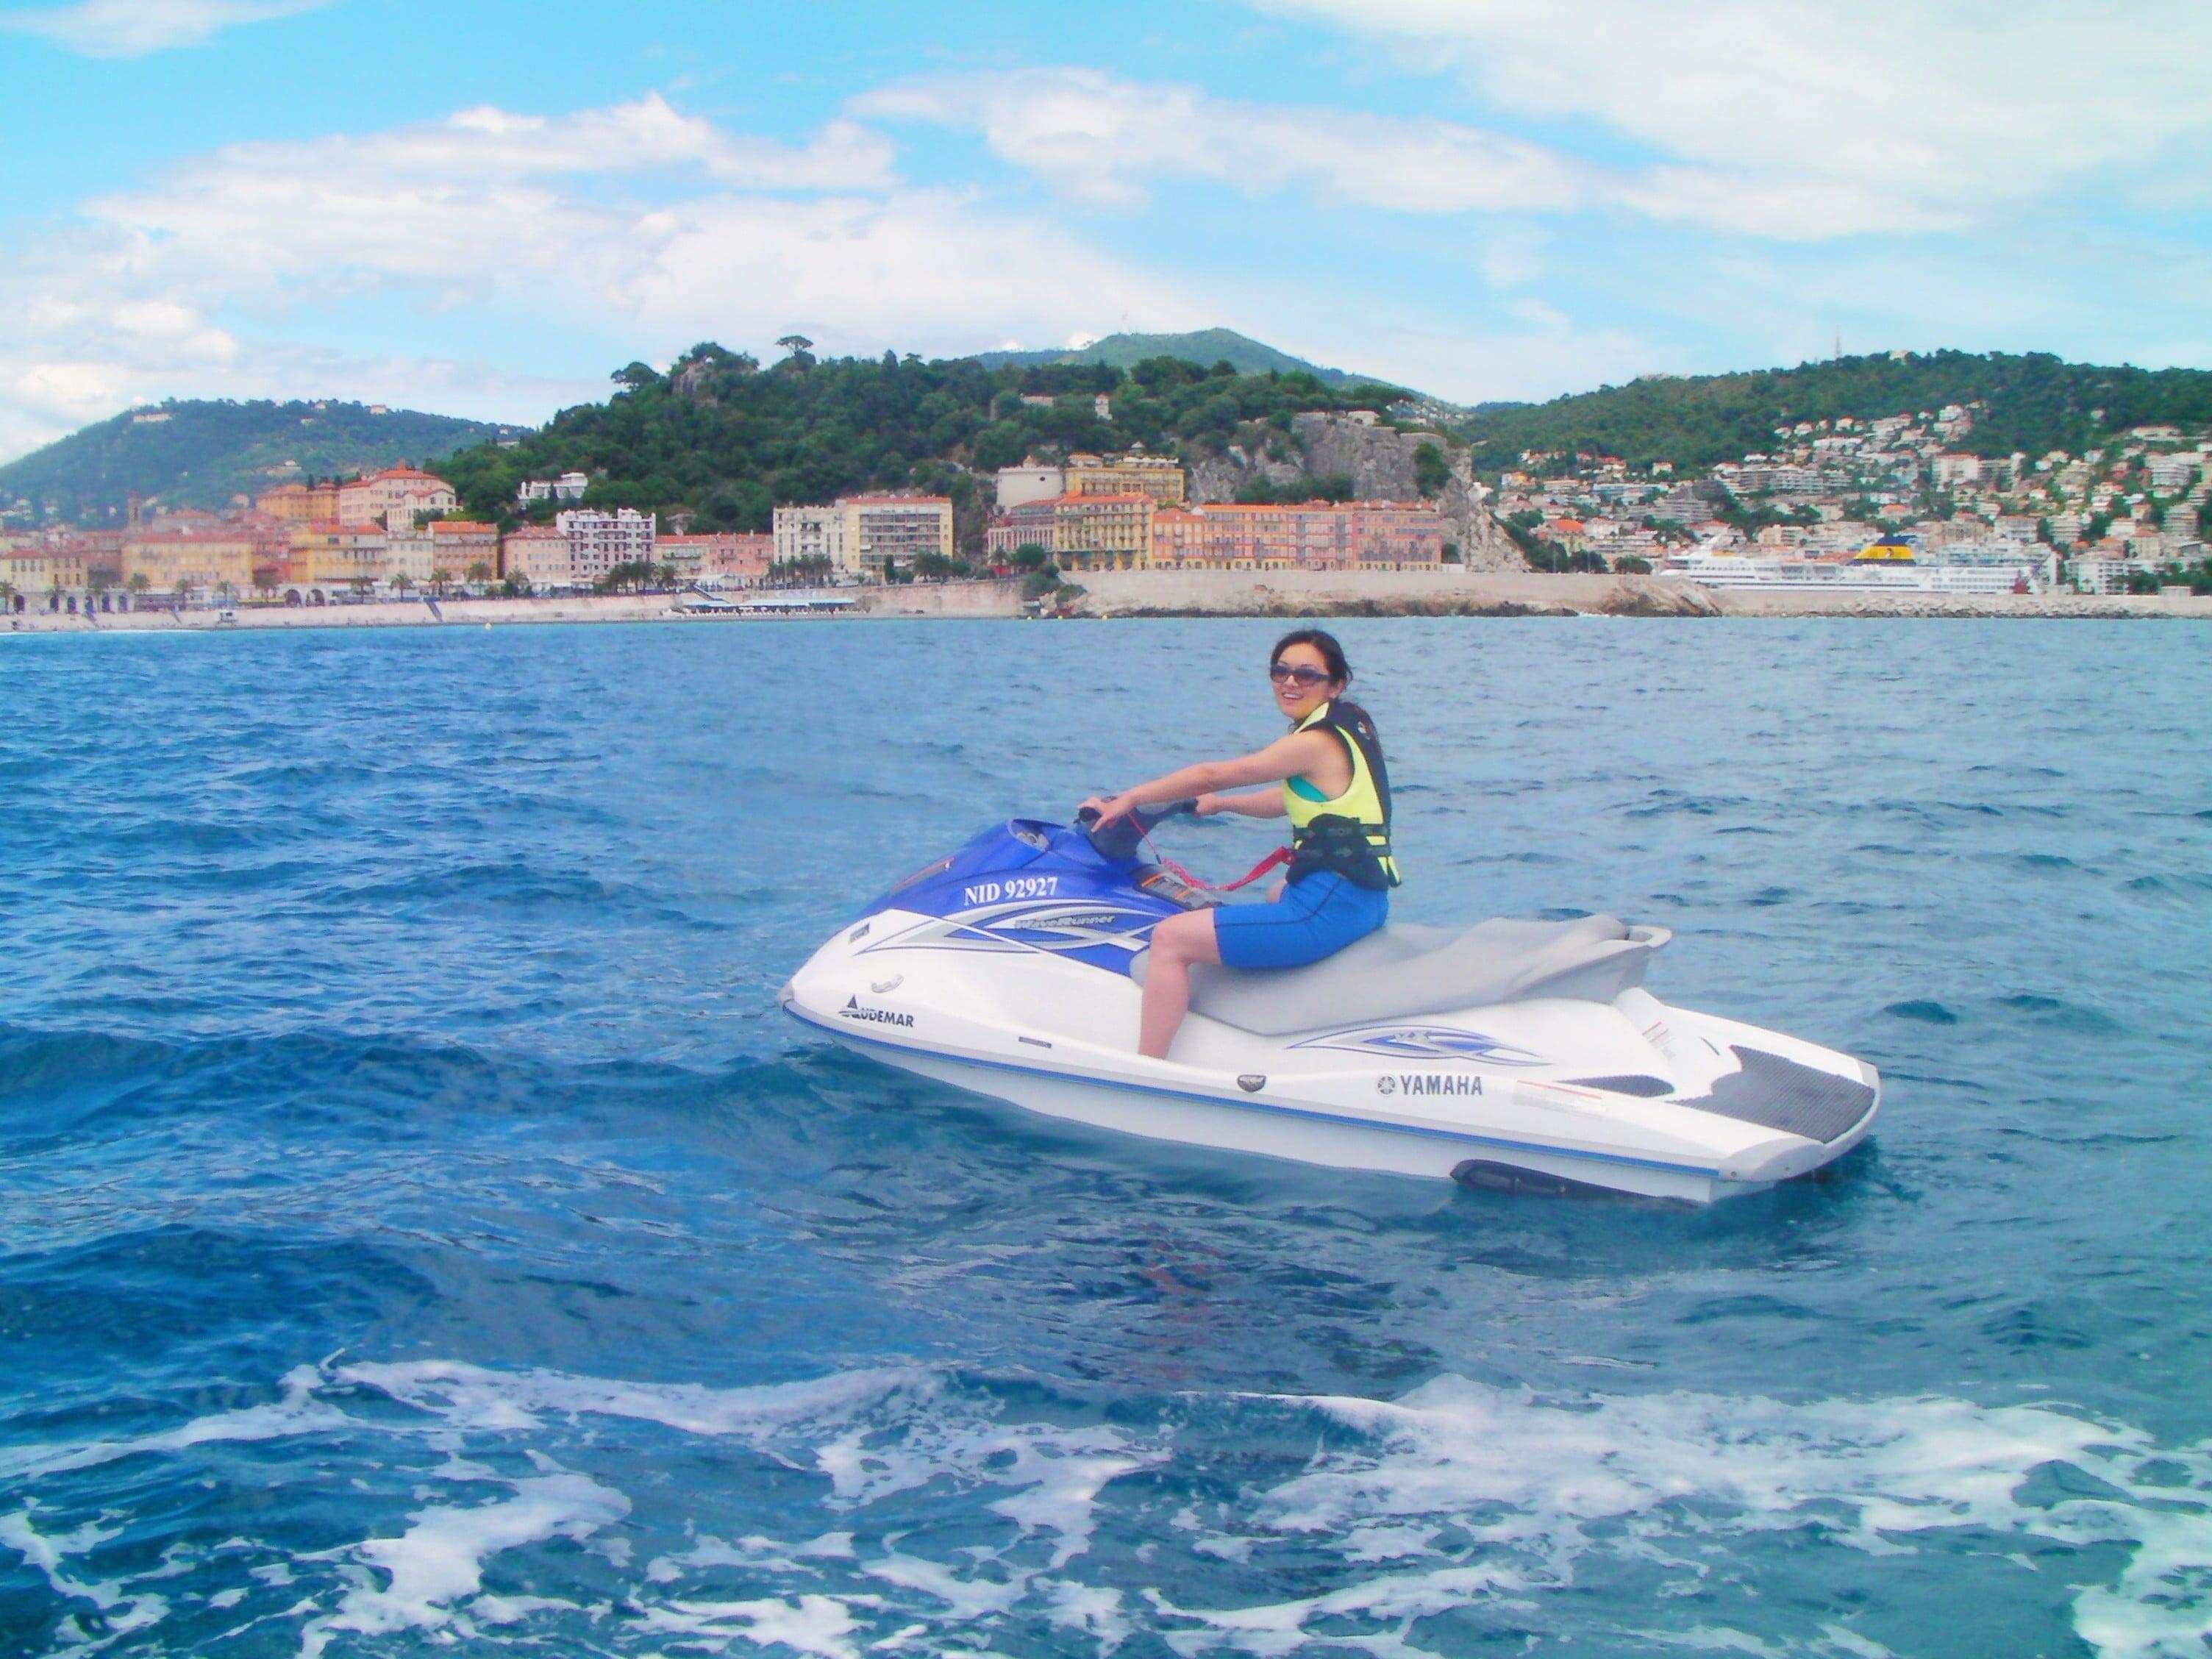 Jet Ski Safari from Nice to Monaco